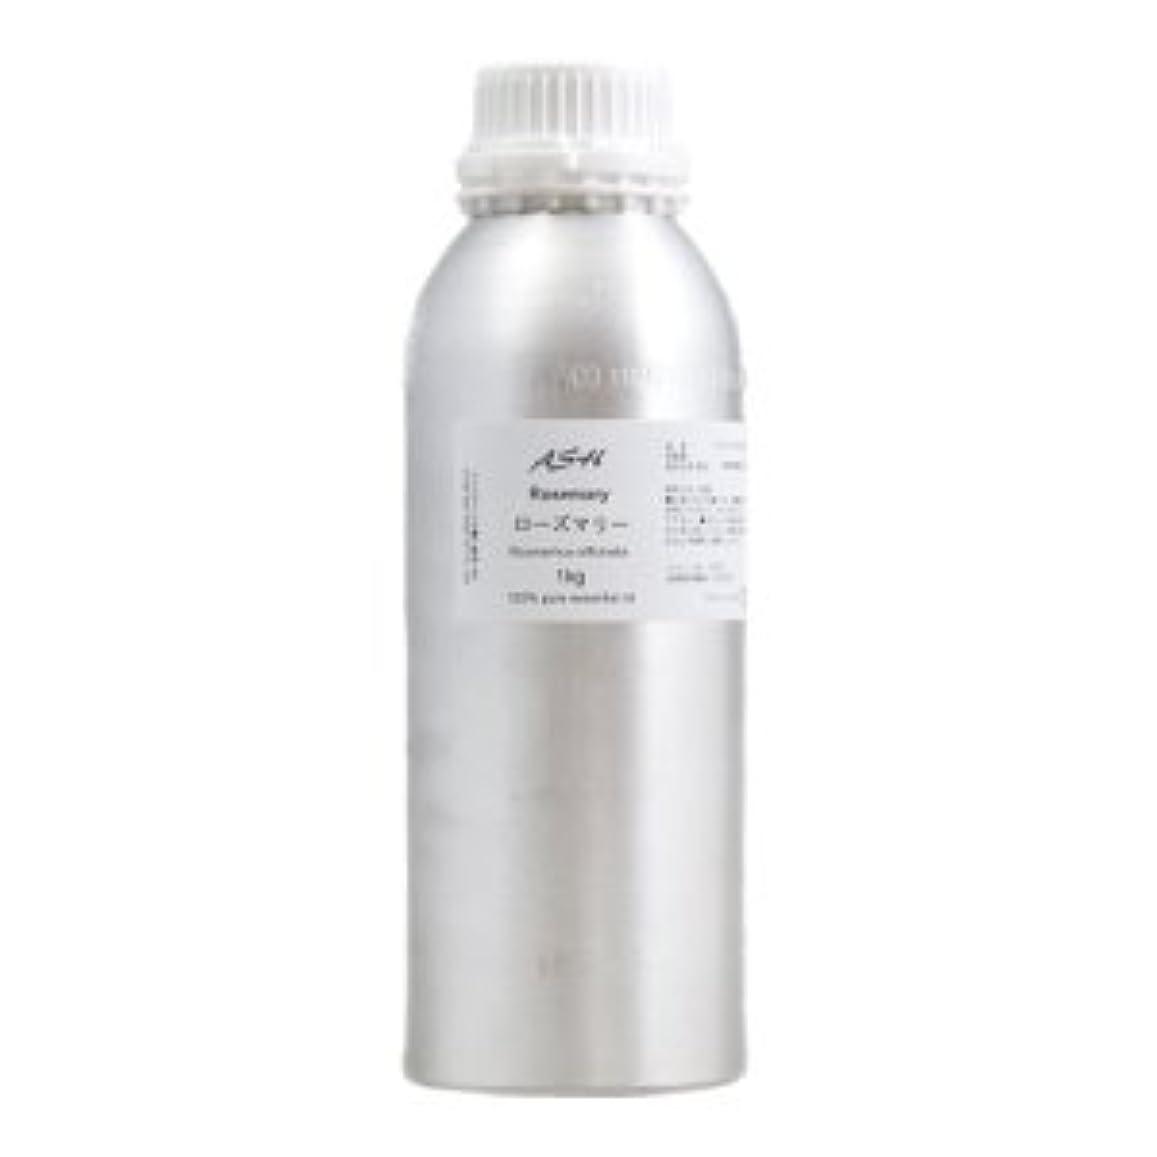 アラバマ既婚未来ASH ローズマリー (CTカンファー) エッセンシャルオイル 業務用1kg AEAJ表示基準適合認定精油